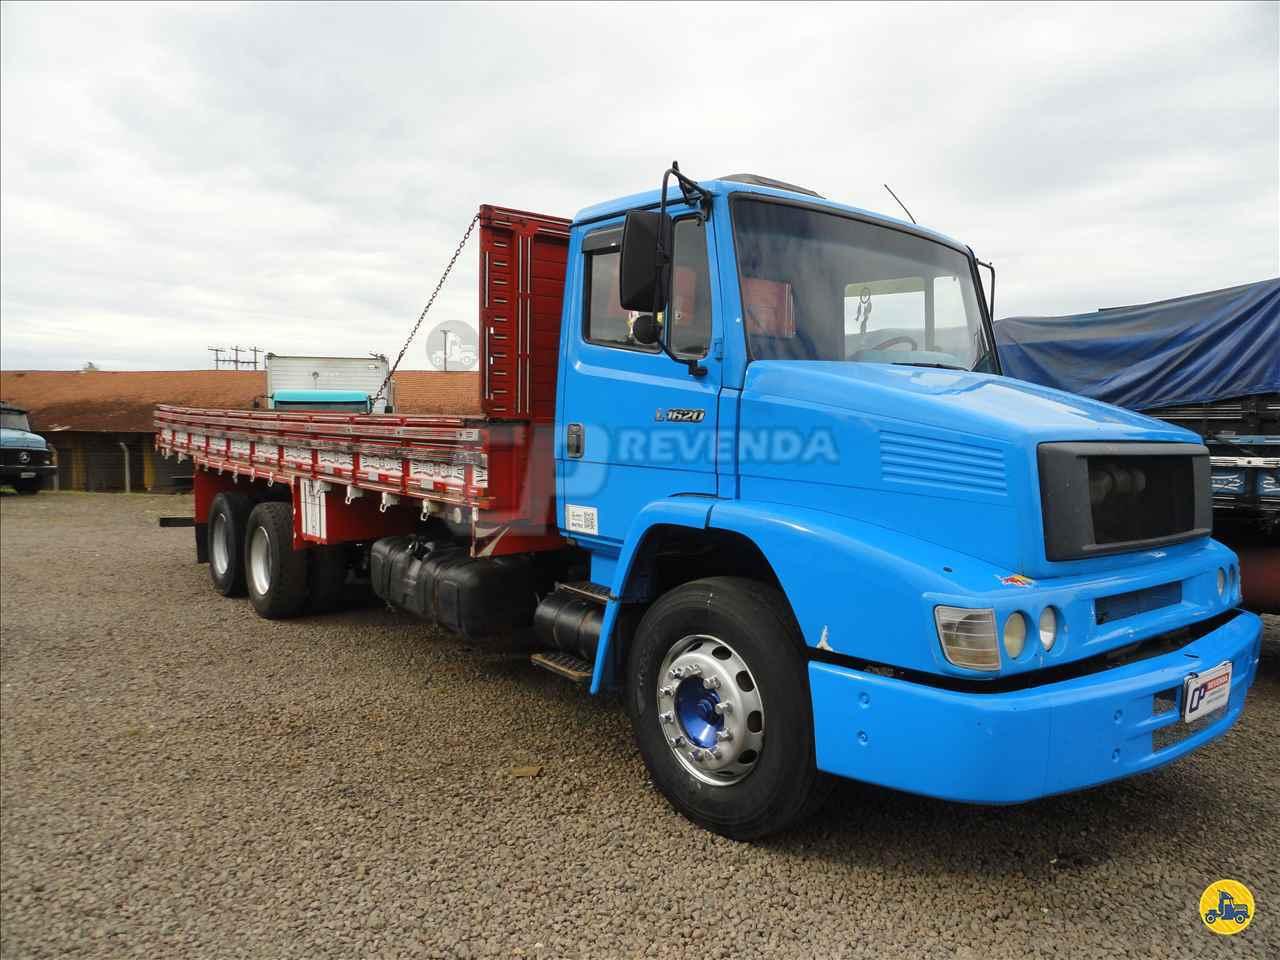 CAMINHAO MERCEDES-BENZ MB 1620 Carga Seca Truck 6x2 CP Revenda BOM PRINCIPIO RIO GRANDE DO SUL RS